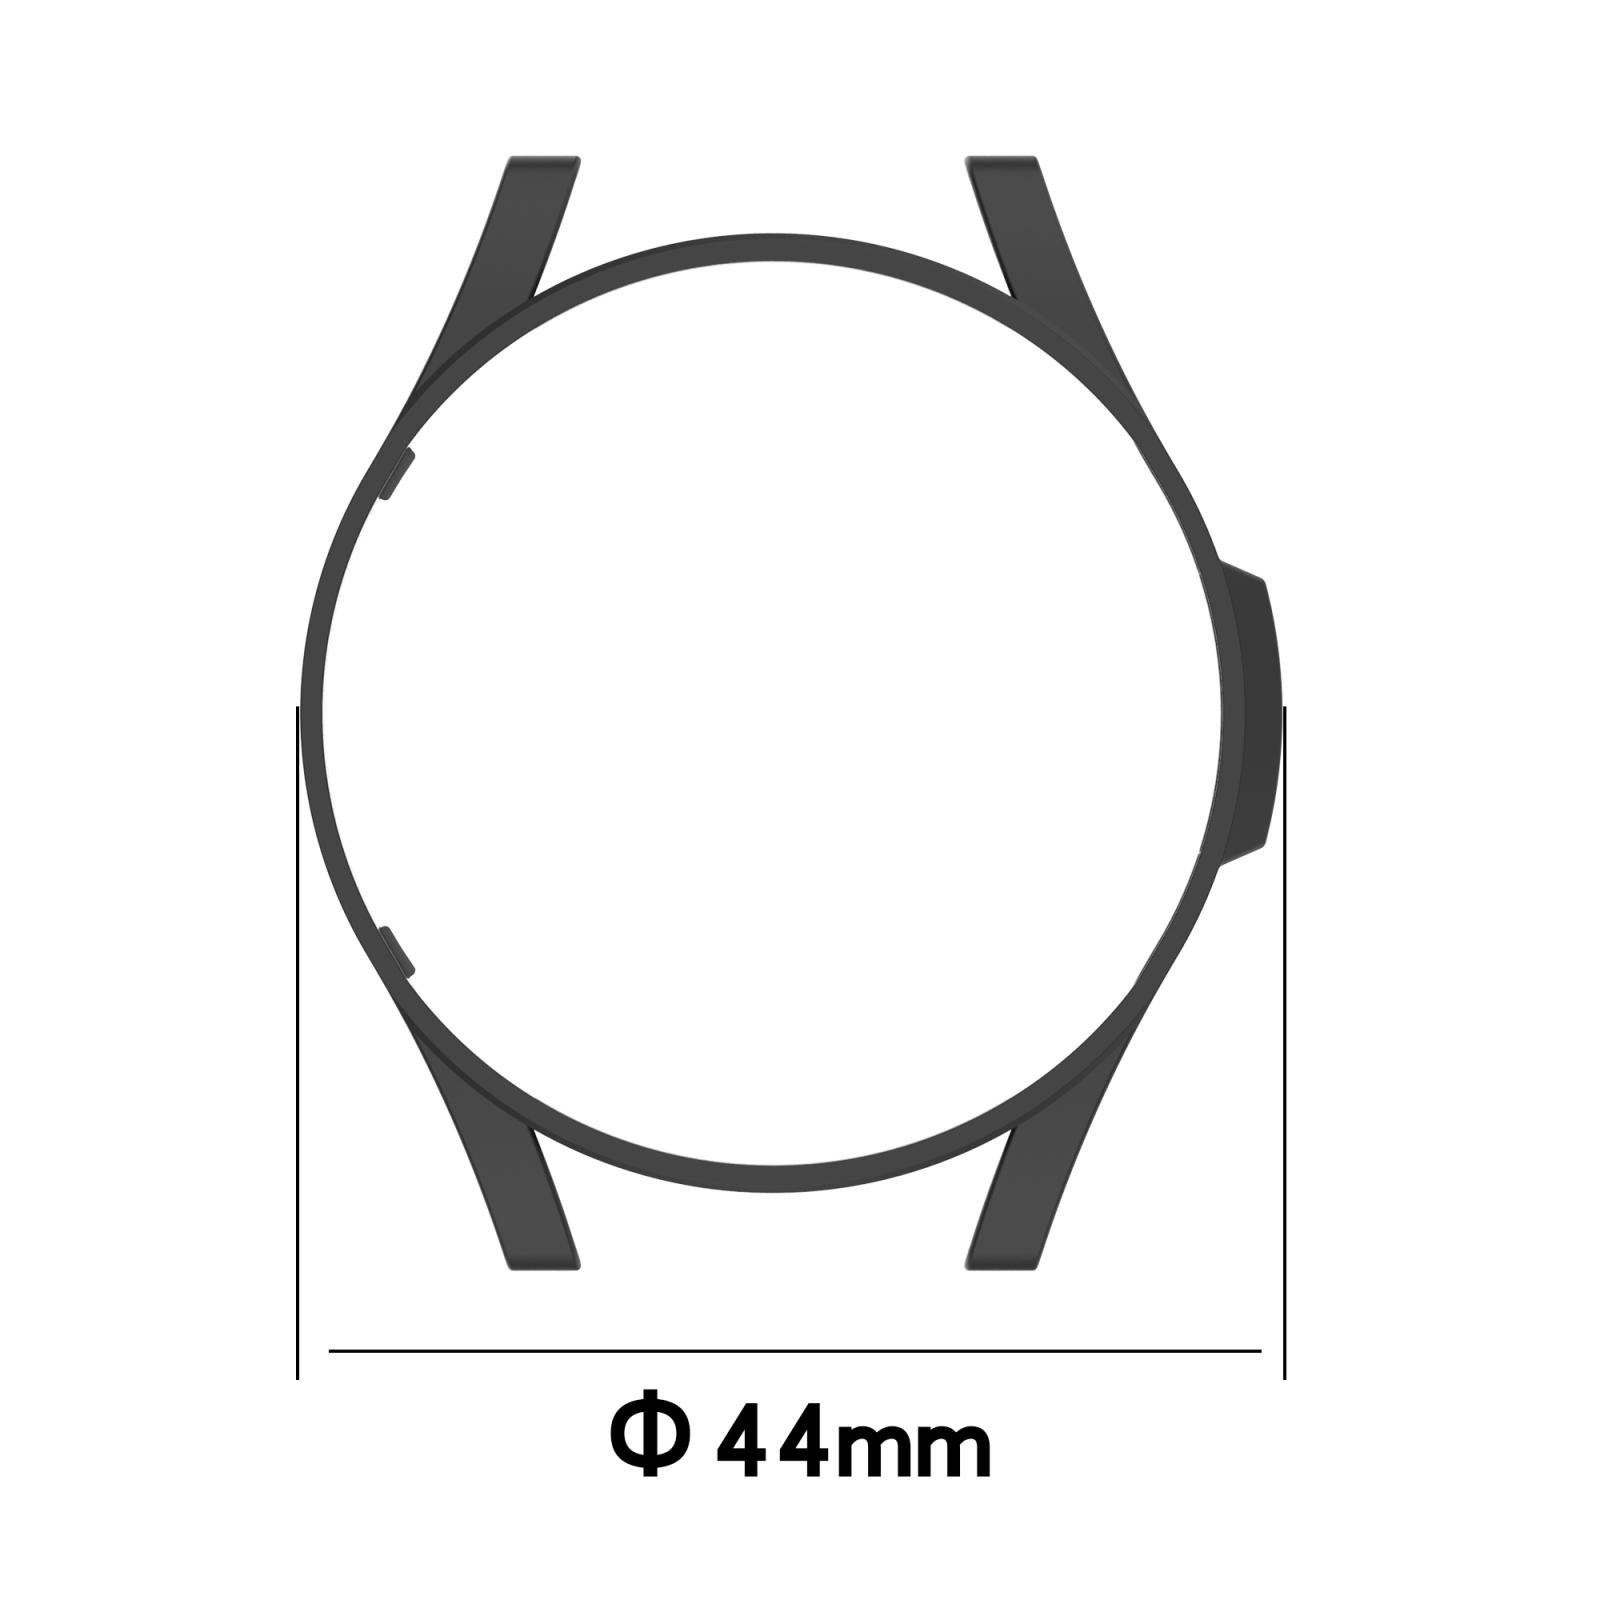 Capa Protetora PC Bumper Case compatível com Samsung Galaxy Watch 4 44mm SM-R870 / SM-R875